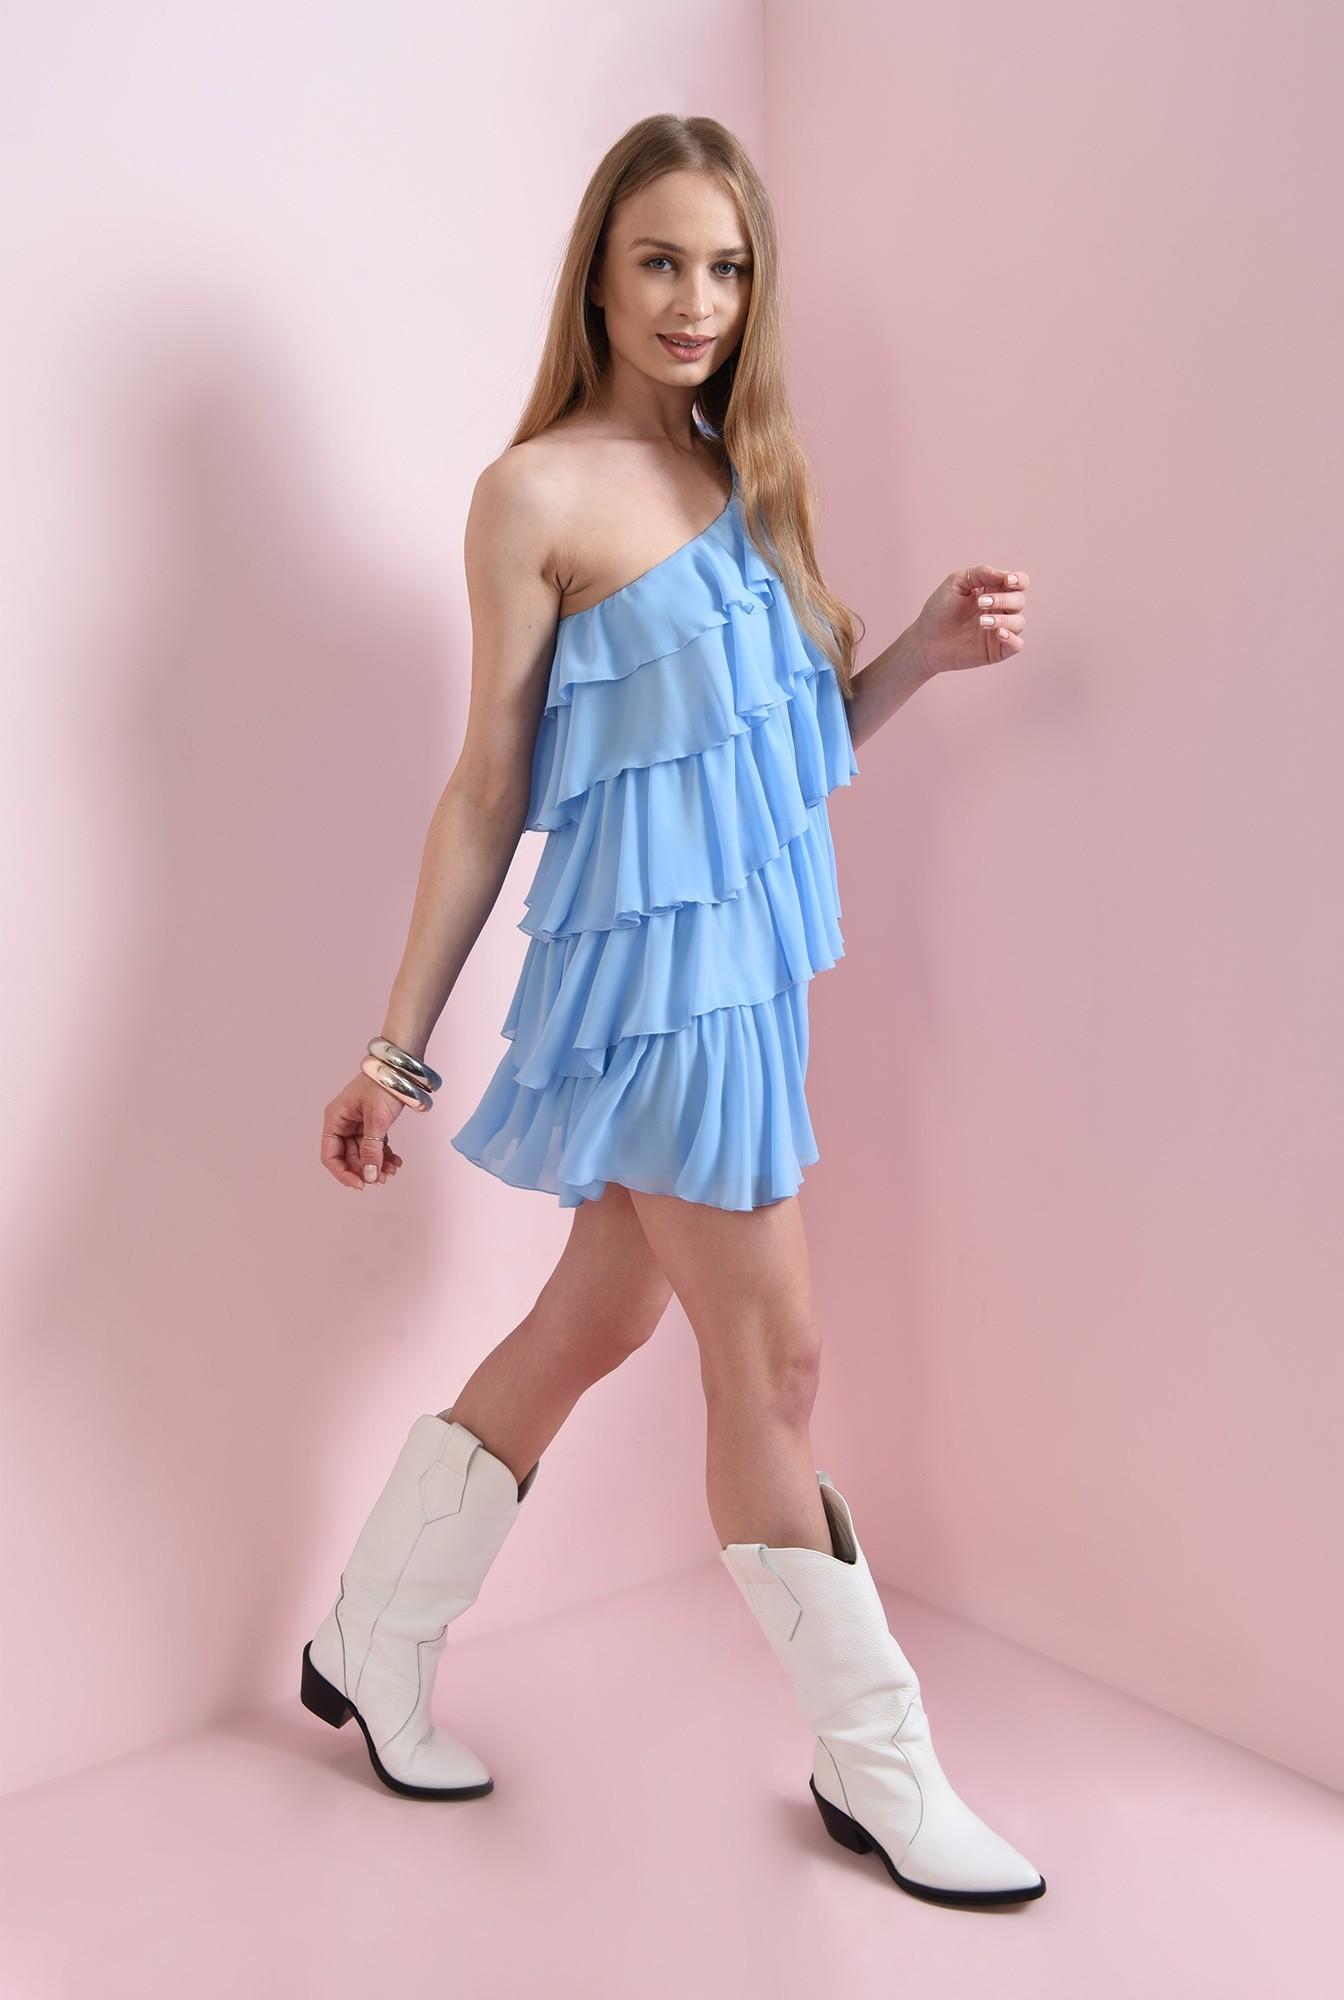 0 - rochie cu volane multiple, bleu